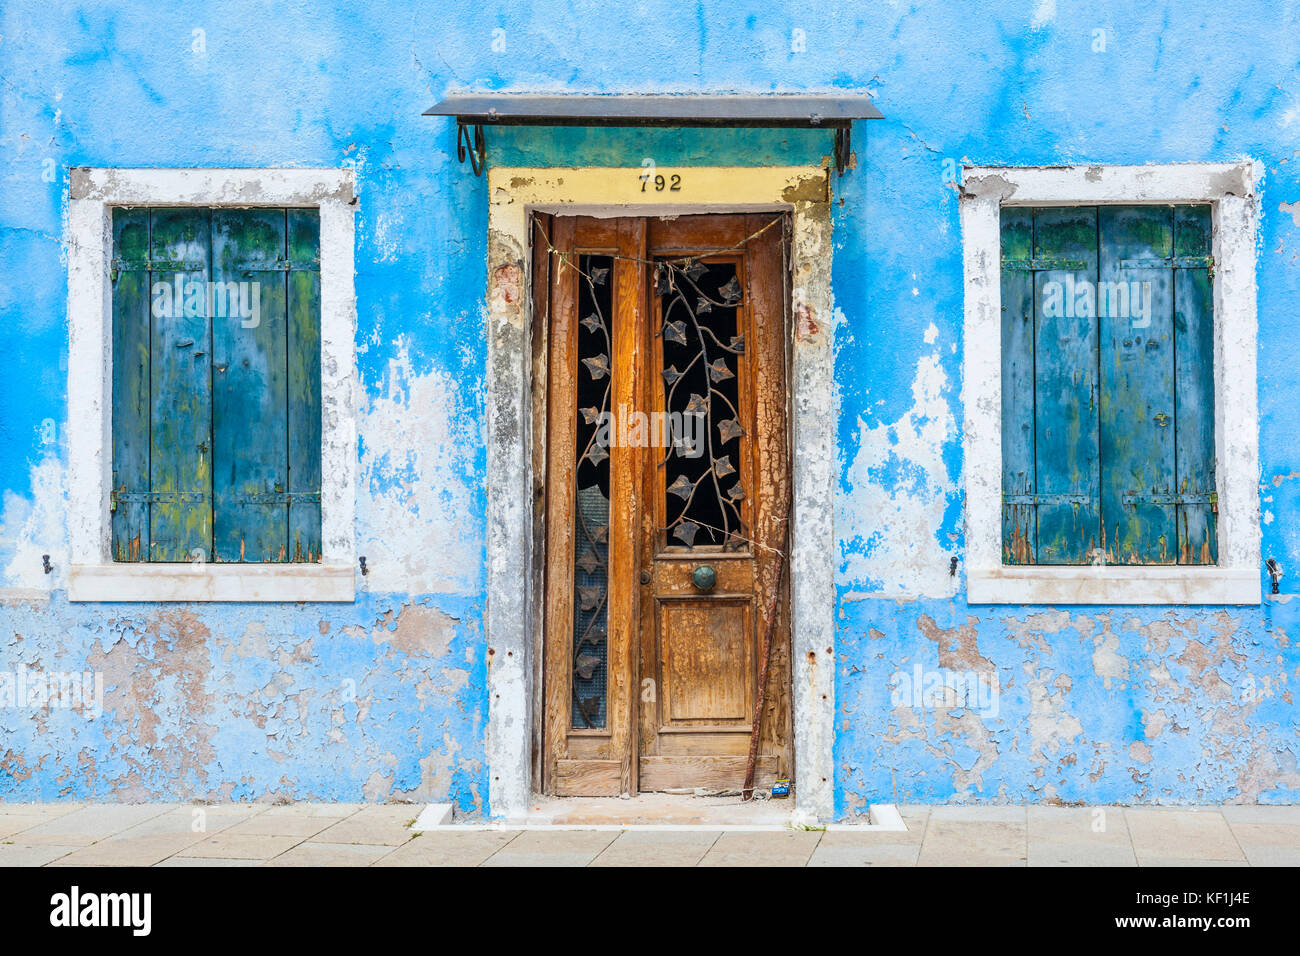 Venecia Italia Venecia Fishermans casa desvencijada casa pintada de azul con puerta de madera y contraventanas azules isla de Burano La Laguna de Venecia Venecia Italia Europa Foto de stock